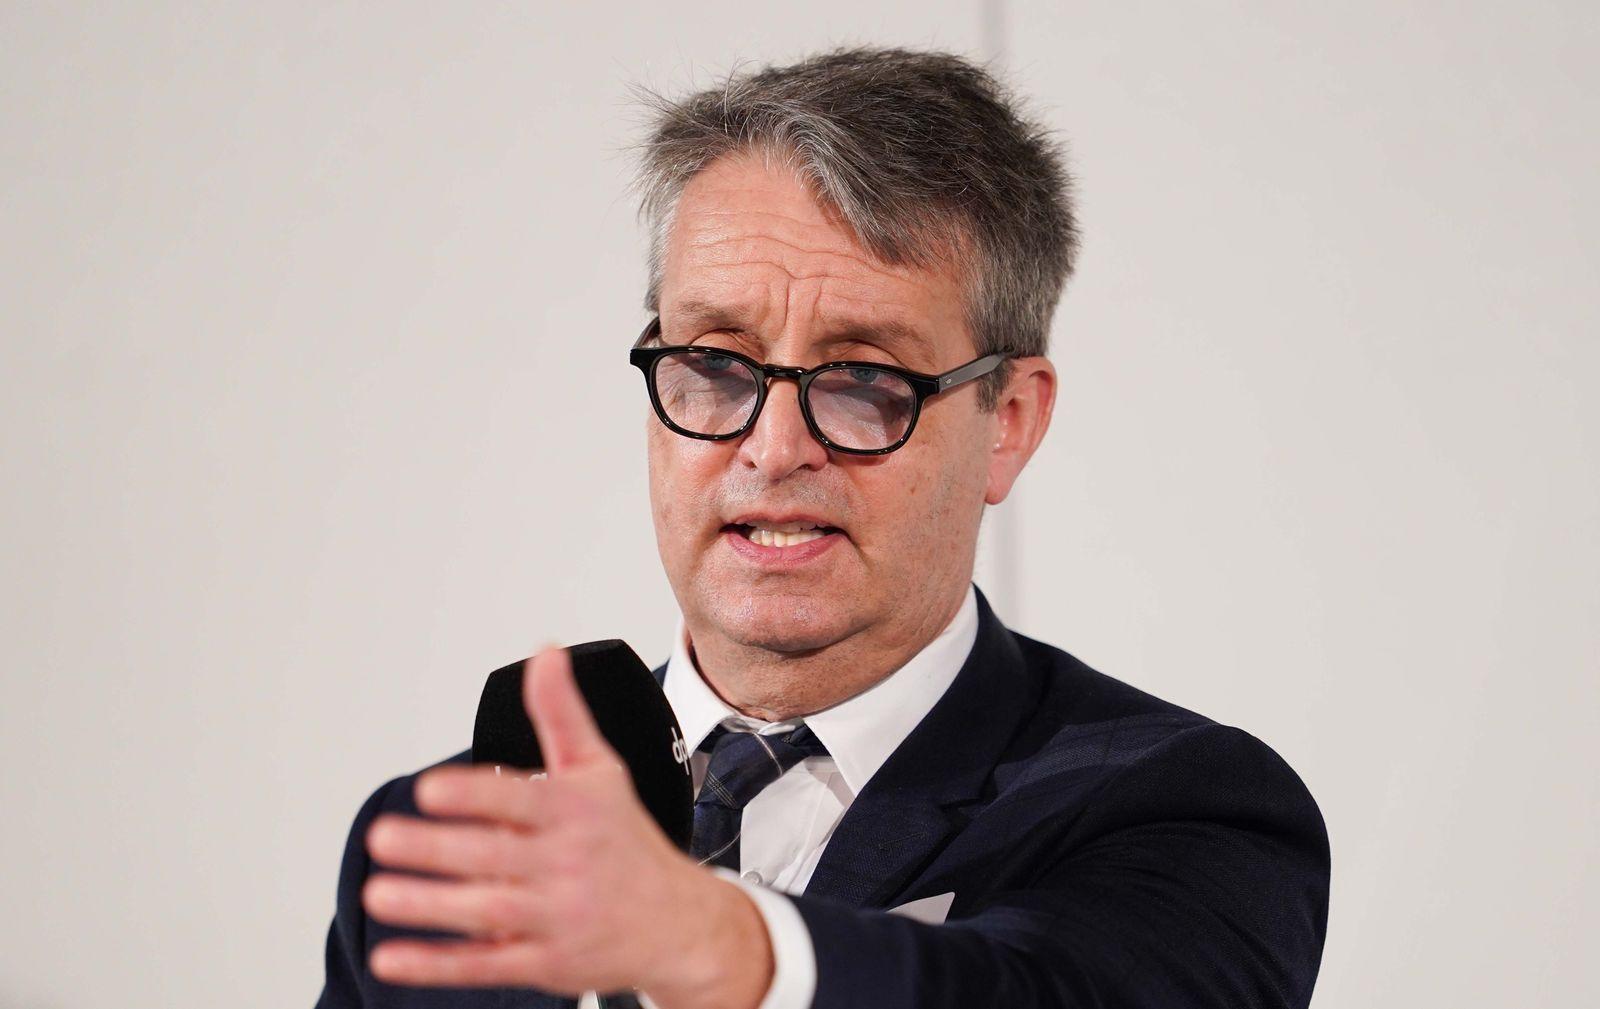 Medienmanager - Gabor Steingart